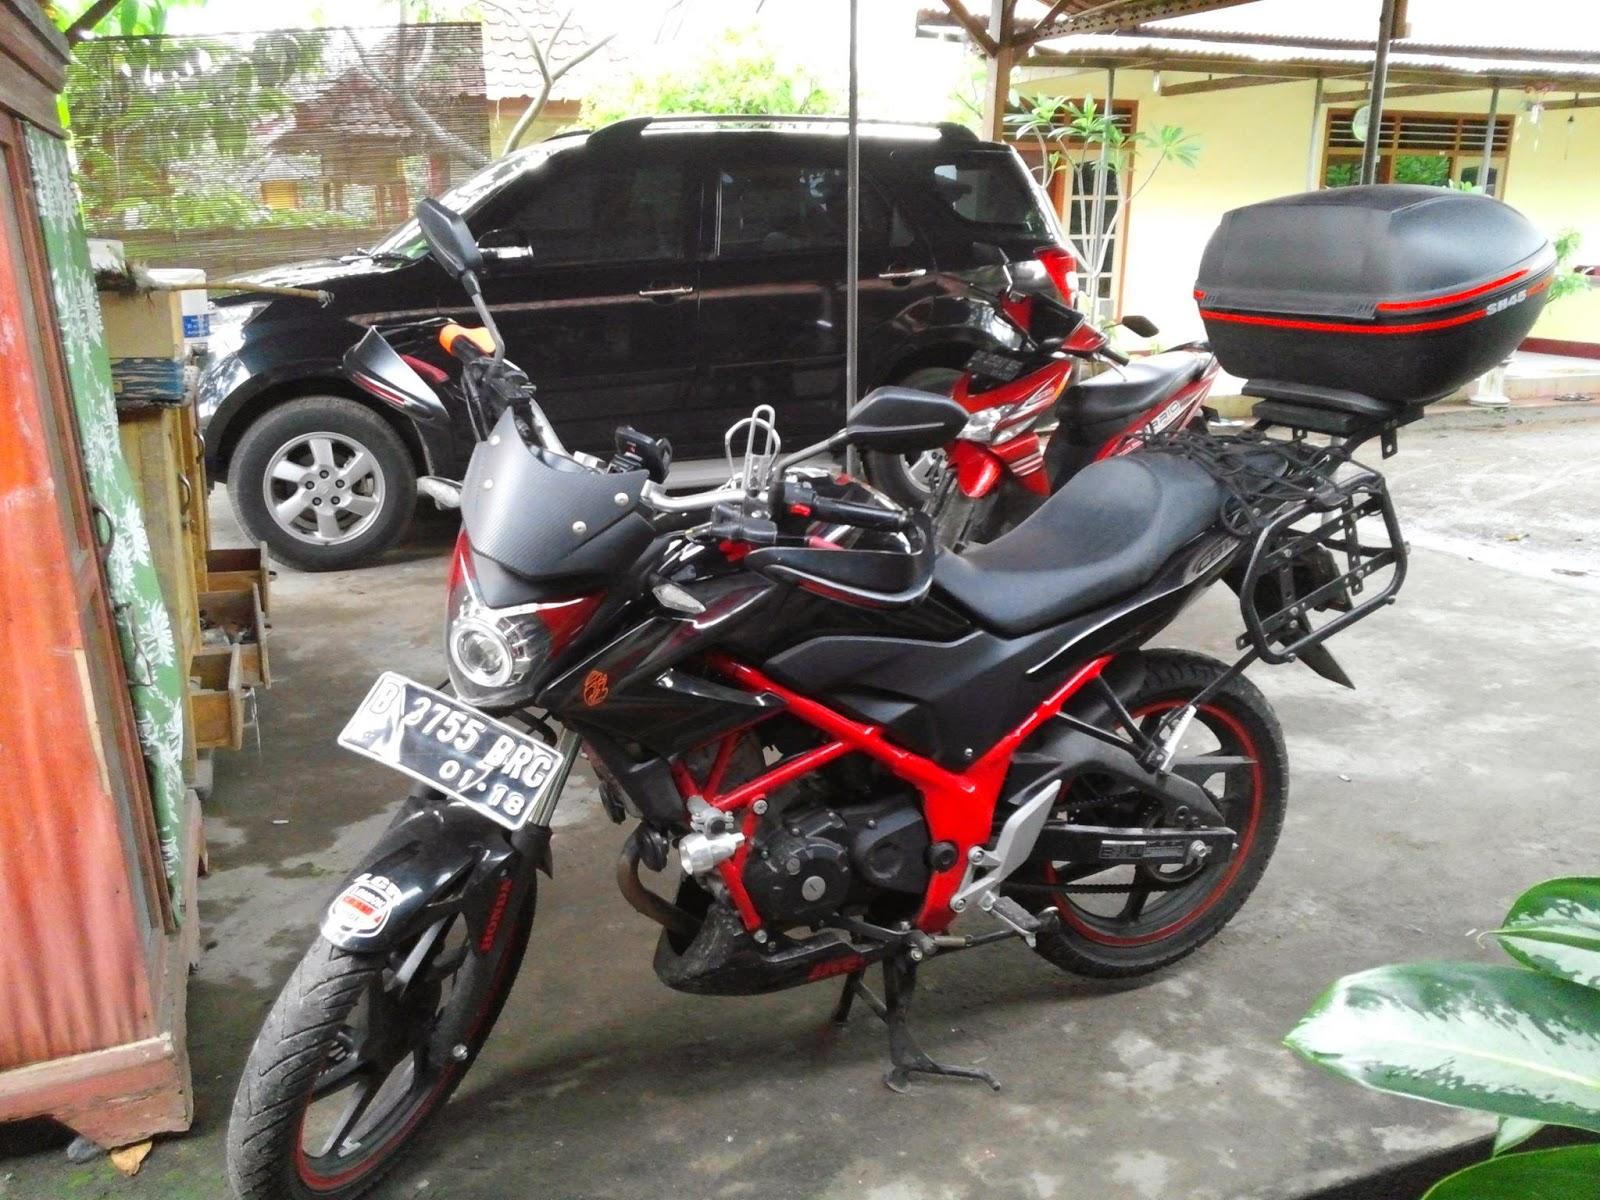 otoasia.net - Modifikasi Honda CB150R Streetfire dengan mengikuti konsep Daily and Touring uses. Kesan gahar juga terlihat dari balutan warna full hitam dengan perpaduan warna merah marun dibeberapa bagian.